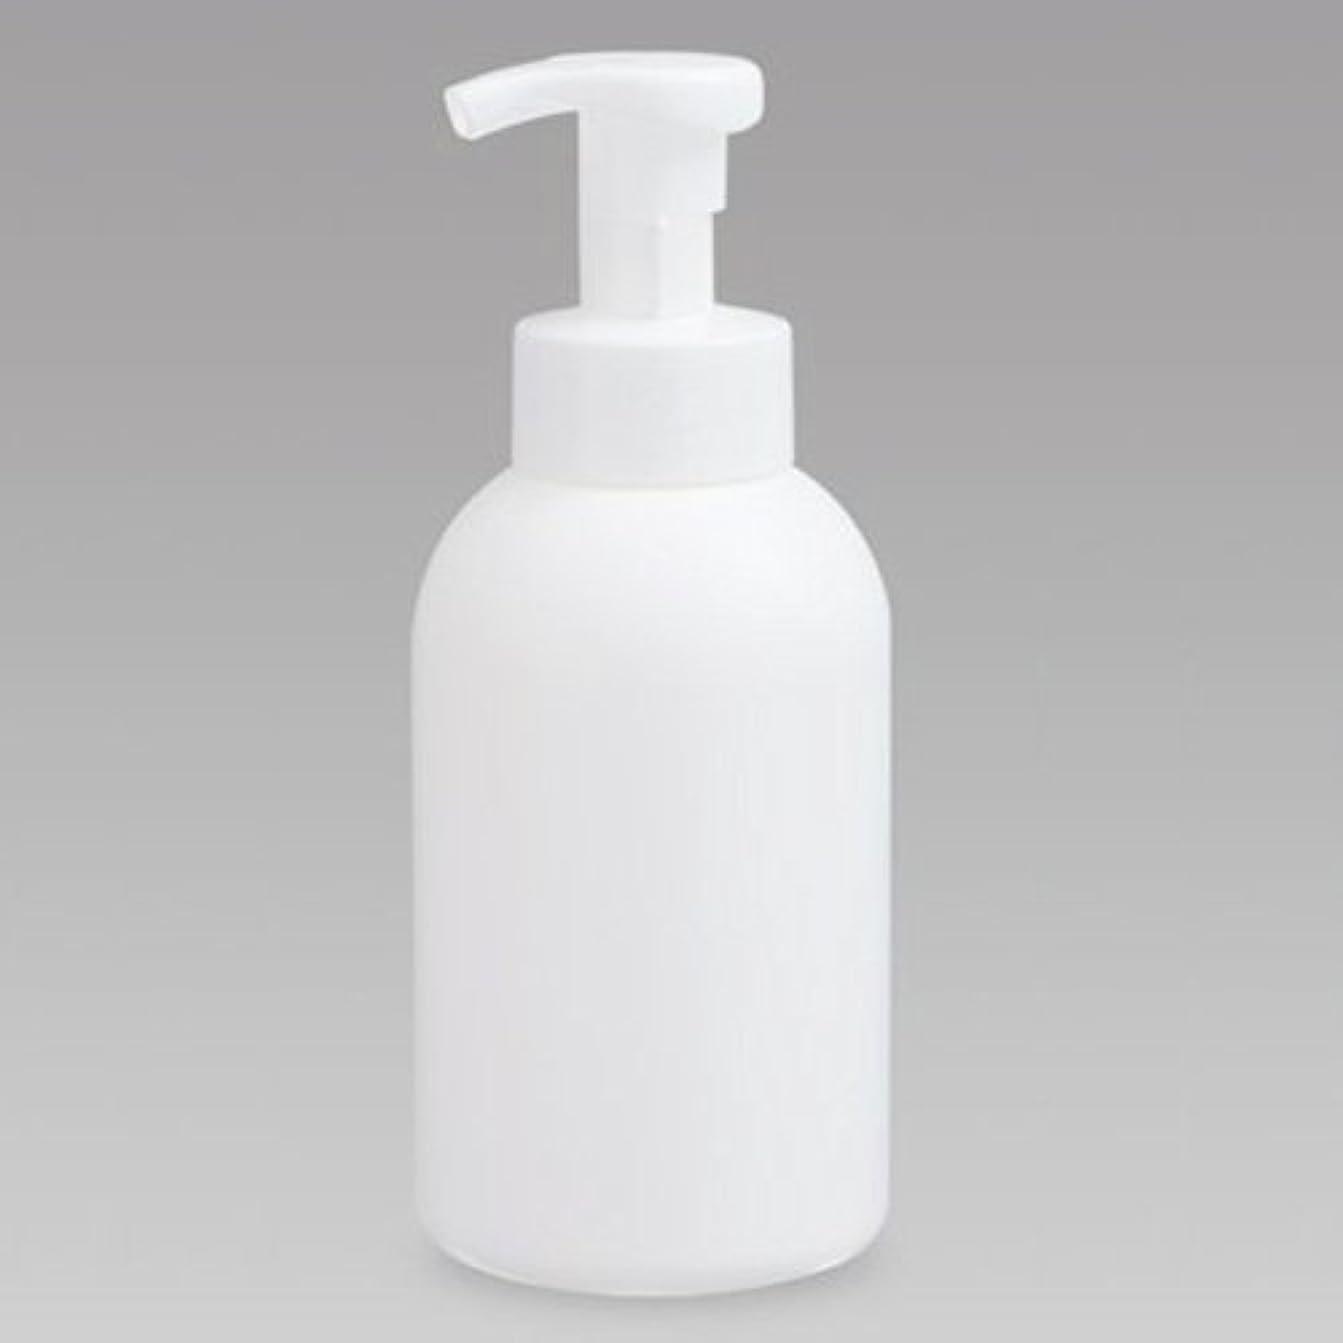 スティーブンソン狂人格差泡ボトル 泡ポンプボトル 500mL(PE) ホワイト 詰め替え 詰替 泡ハンドソープ 全身石鹸 ボディソープ 洗顔フォーム